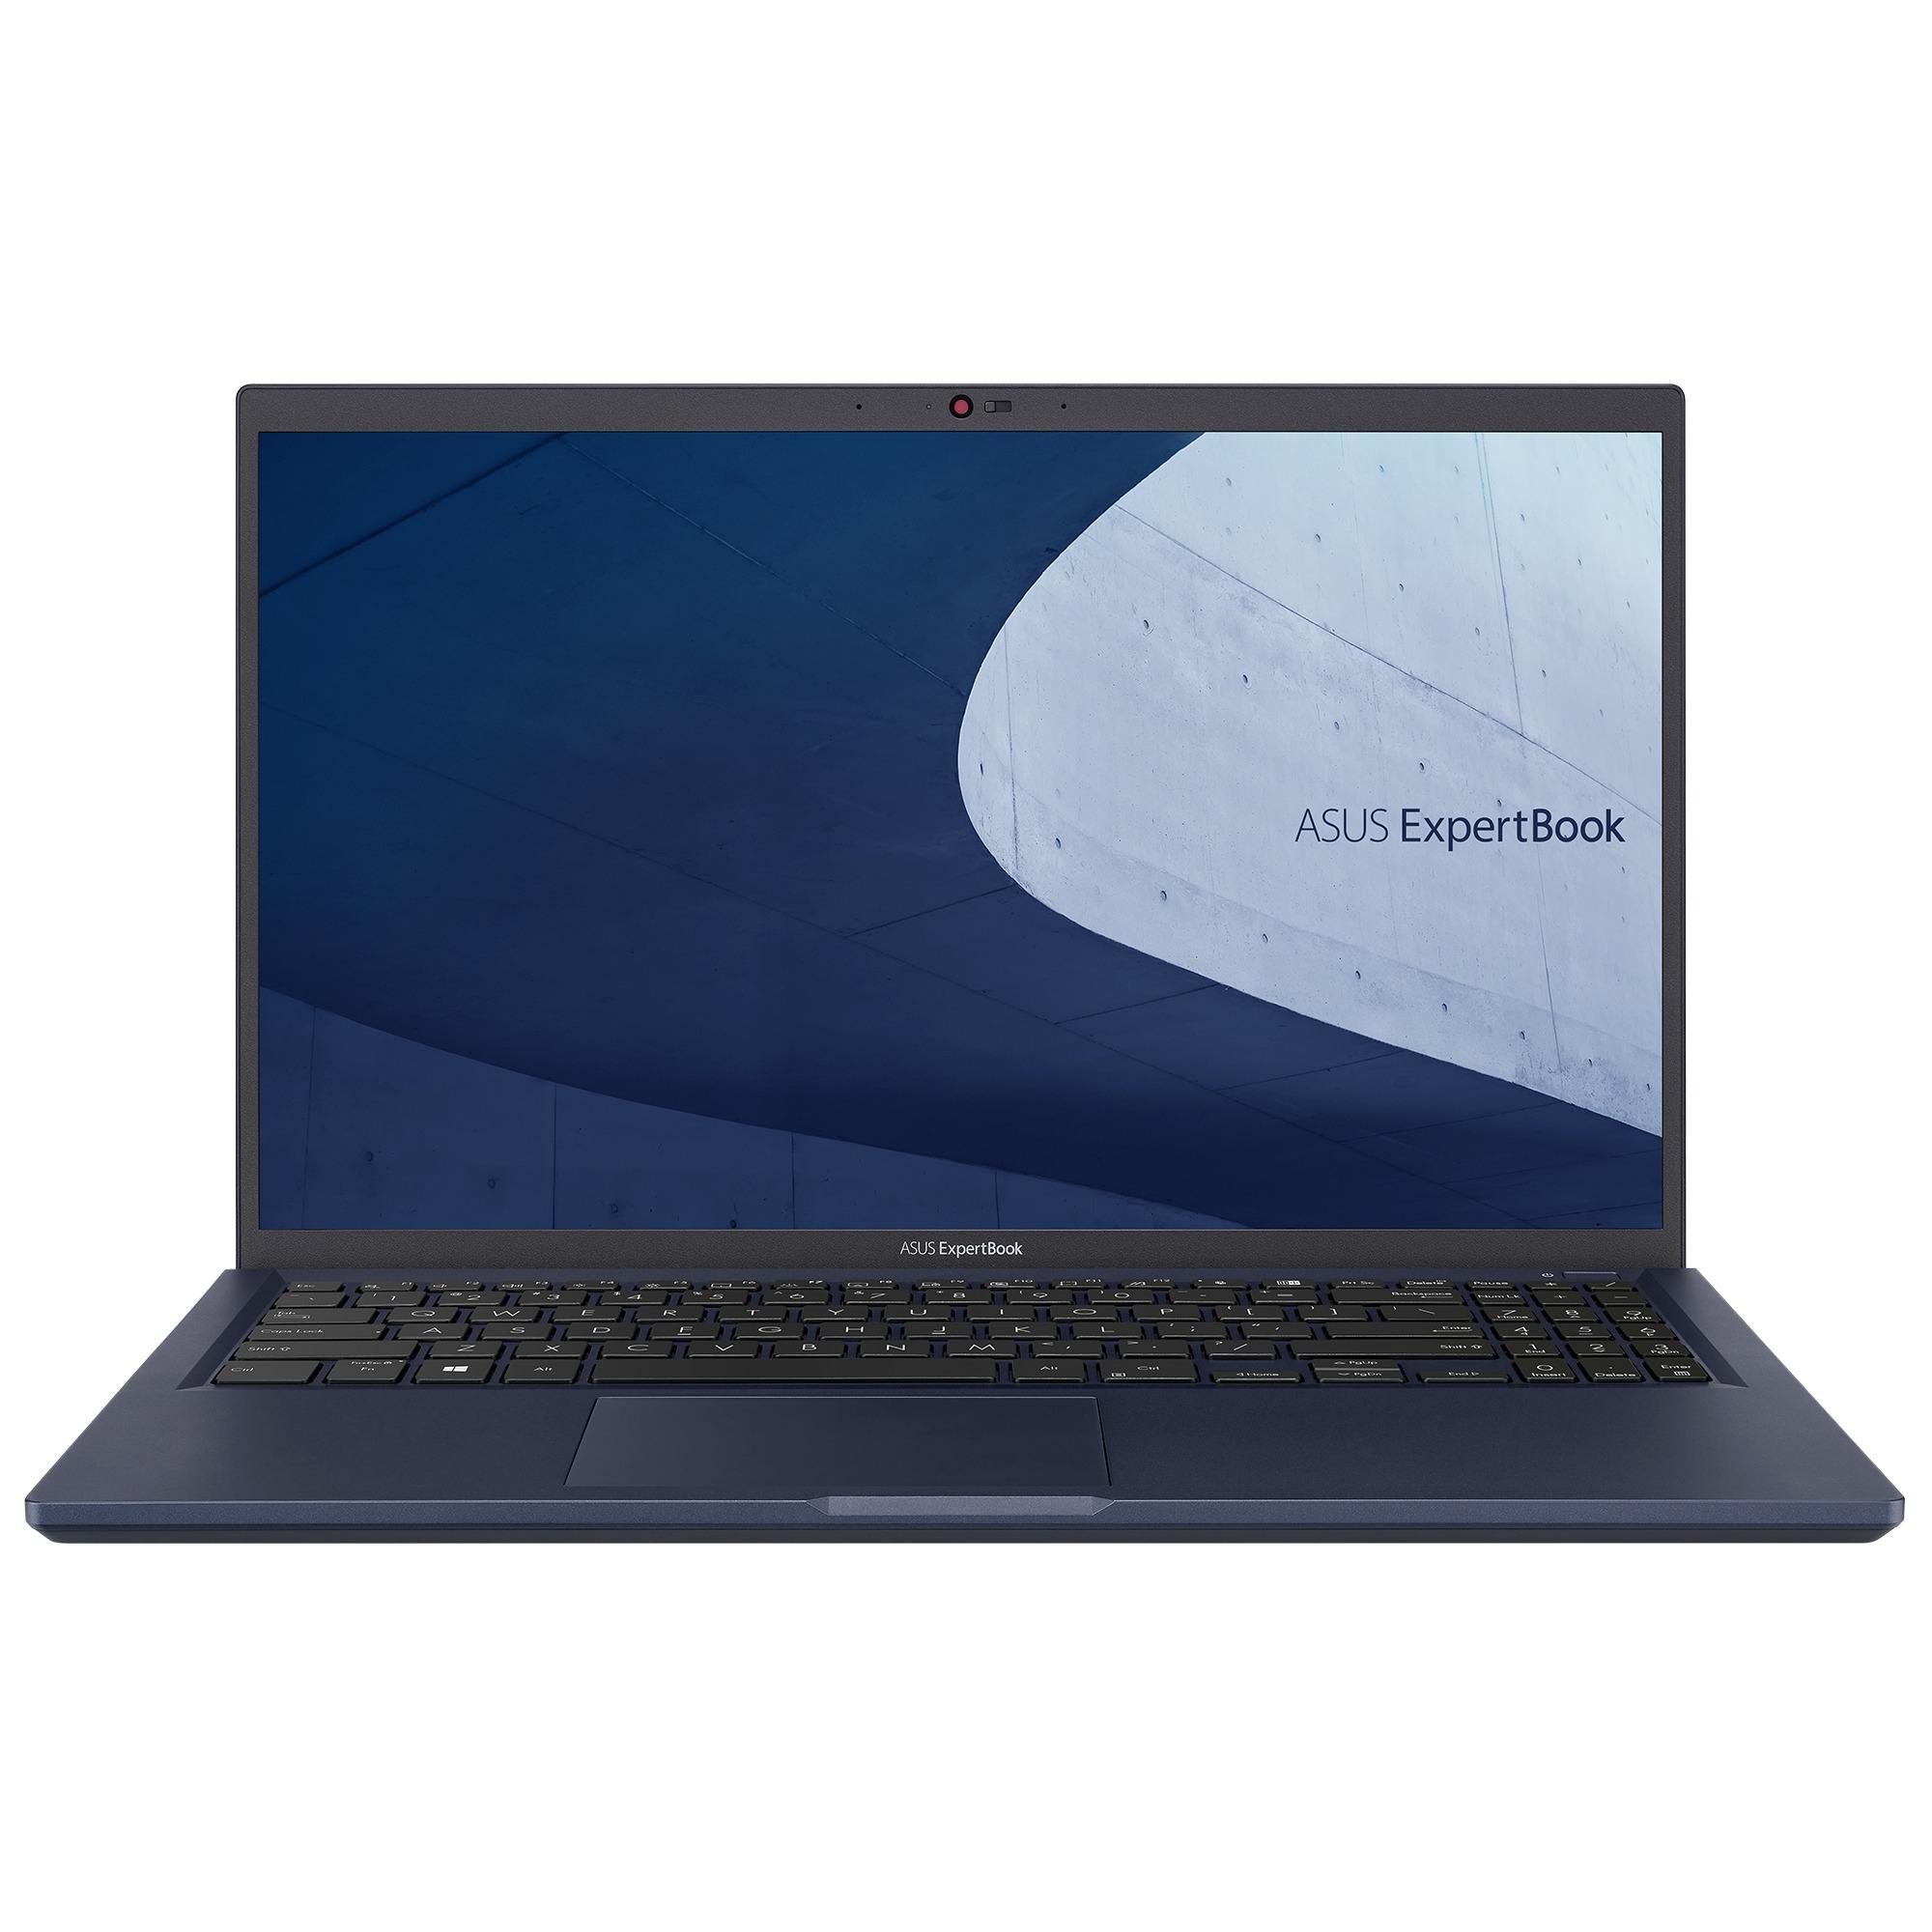 ASUS ExpertBook B1500/15,6''/i5-1135G7 (4C/8T)/8GB/512GB SSD/FPR/TPM/Linux/Black/2Y PUR - B1500CEAE-BQ1269